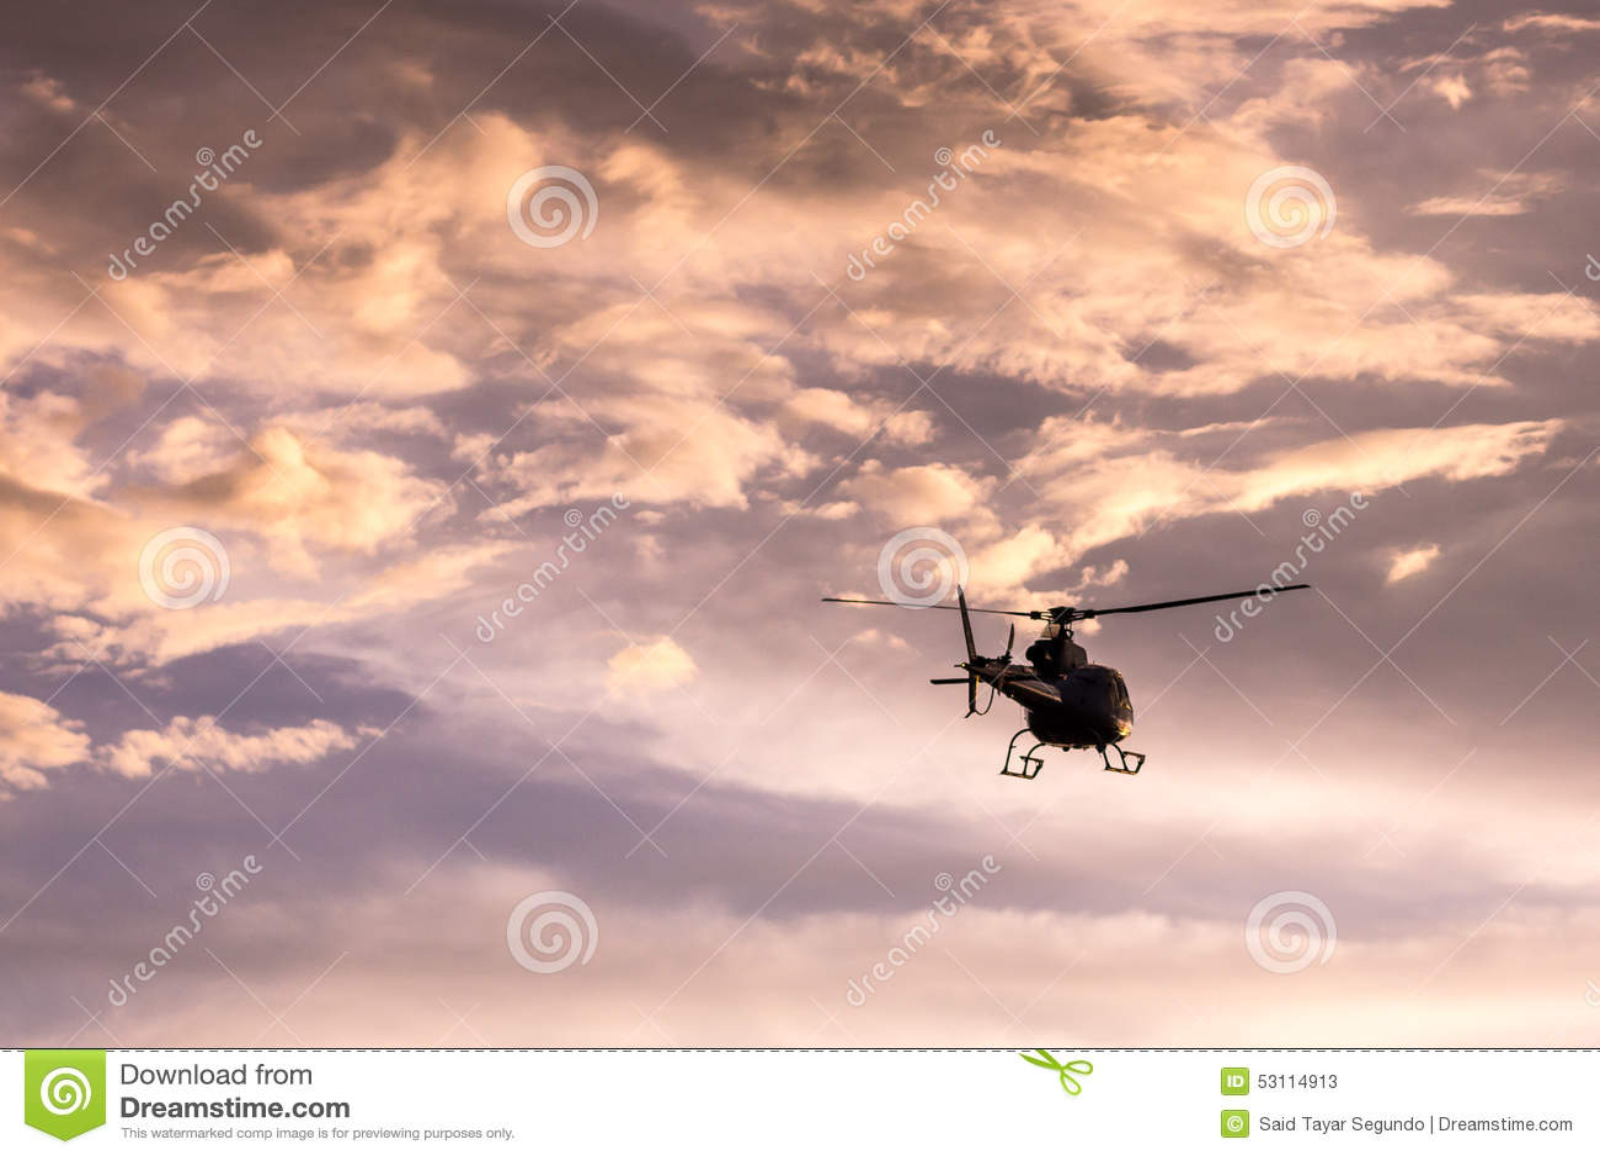 Immagine dell elicottero al tramonto